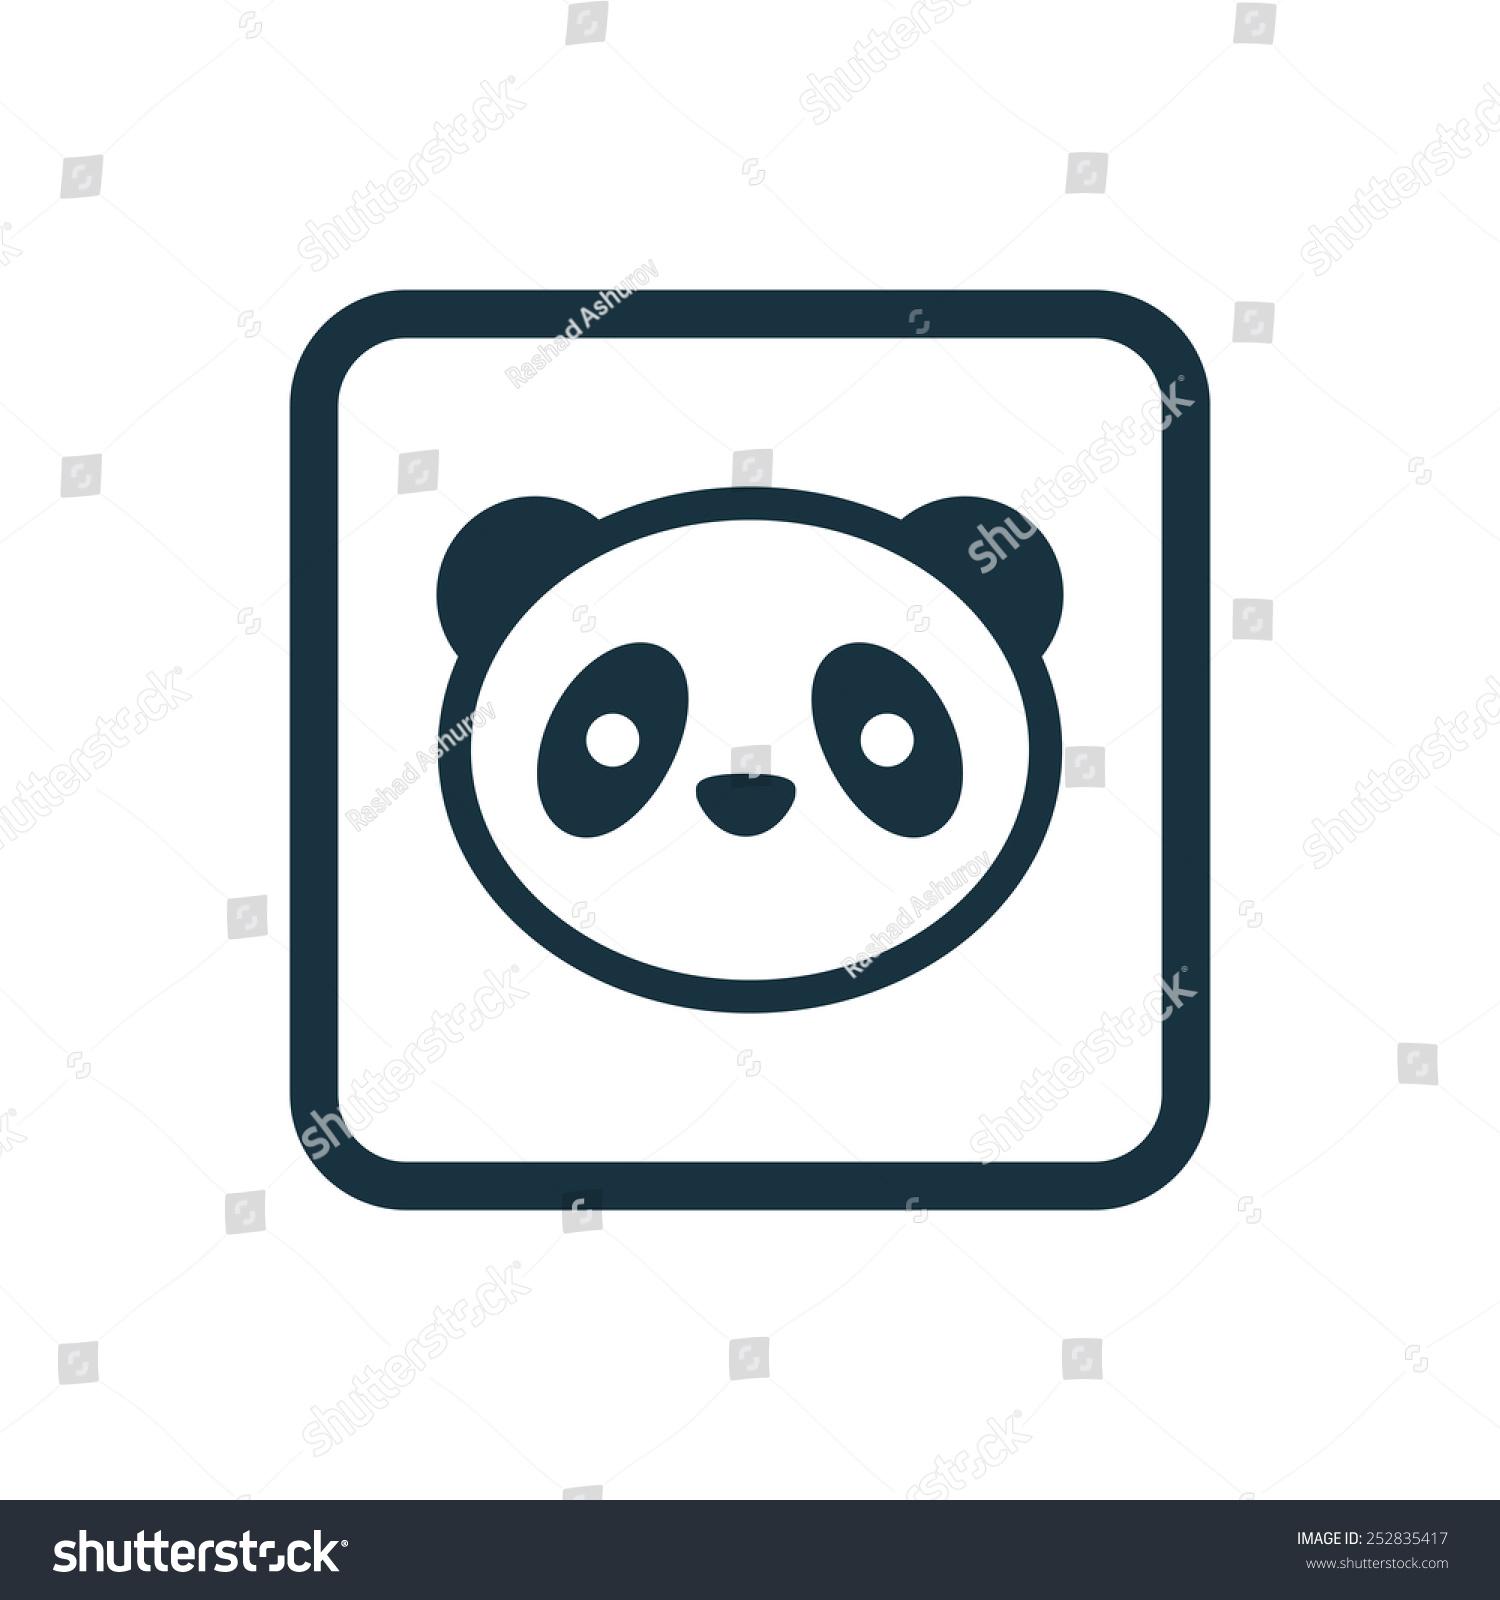 熊猫圆角正方形按钮图标,在白色的背景上-抽象-海洛()